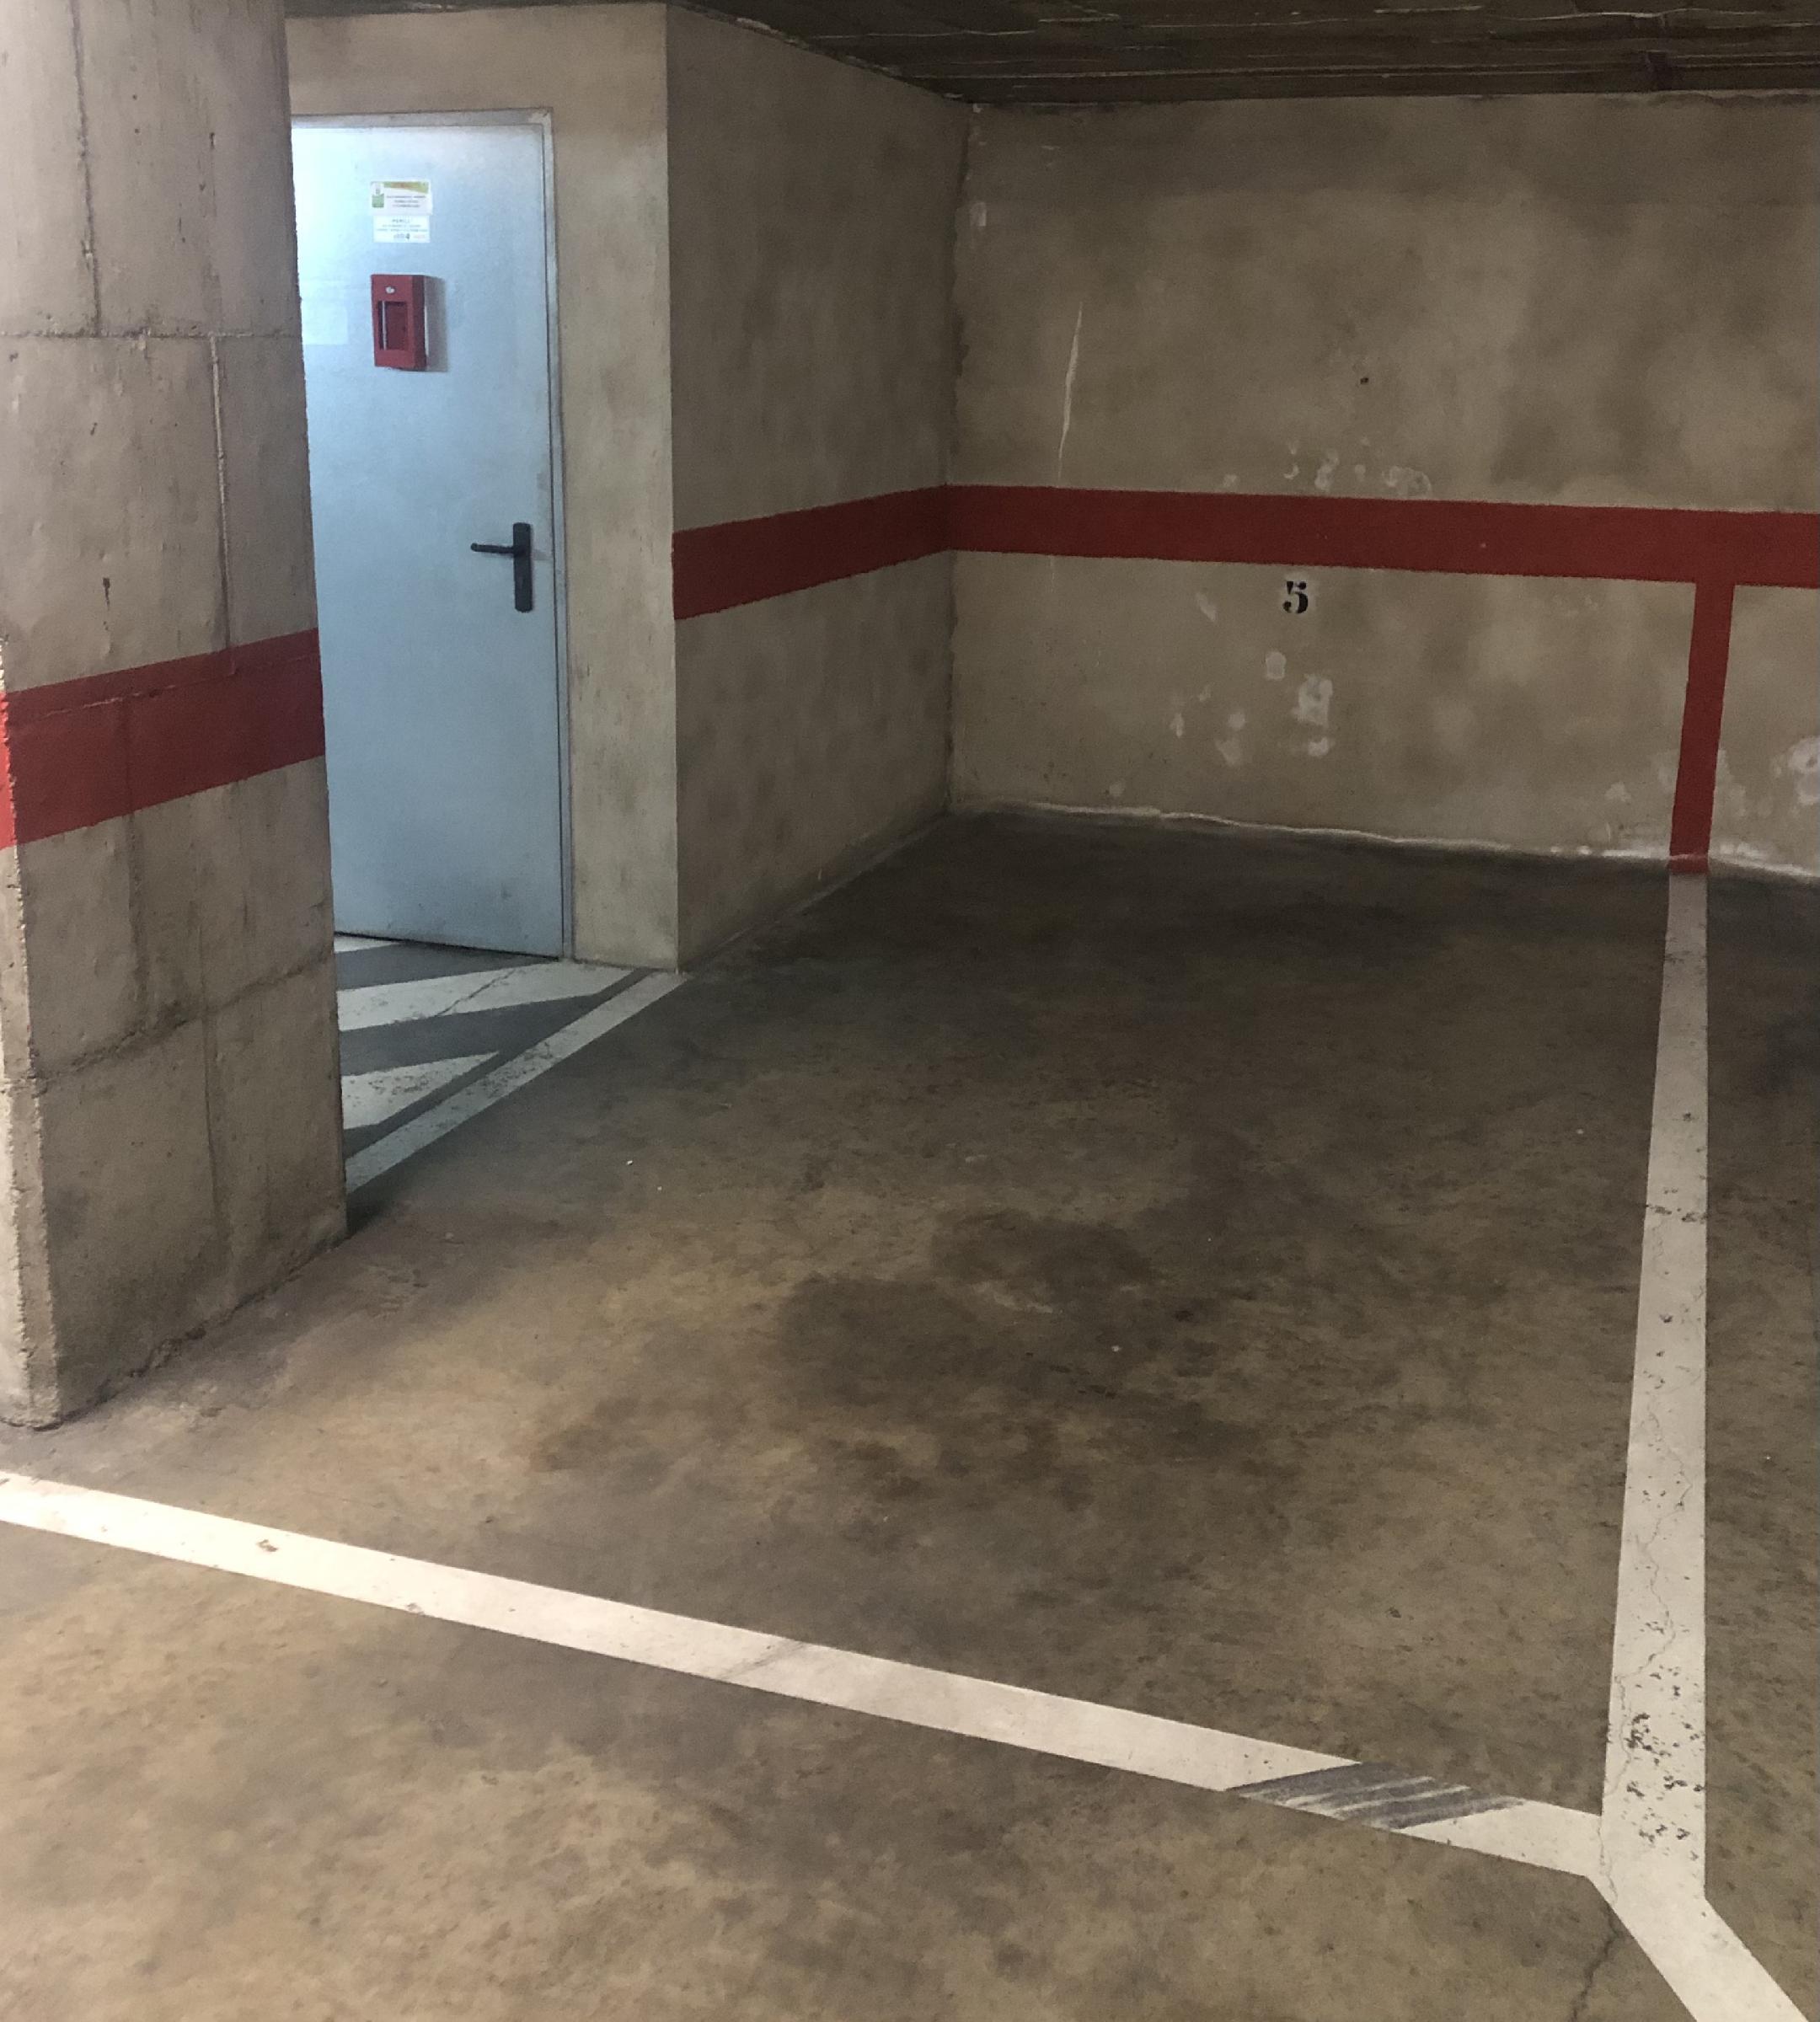 Imagen 1 Parking Coche en venta en Girona / Parkin per a coche molt centric al carrer de la Creu